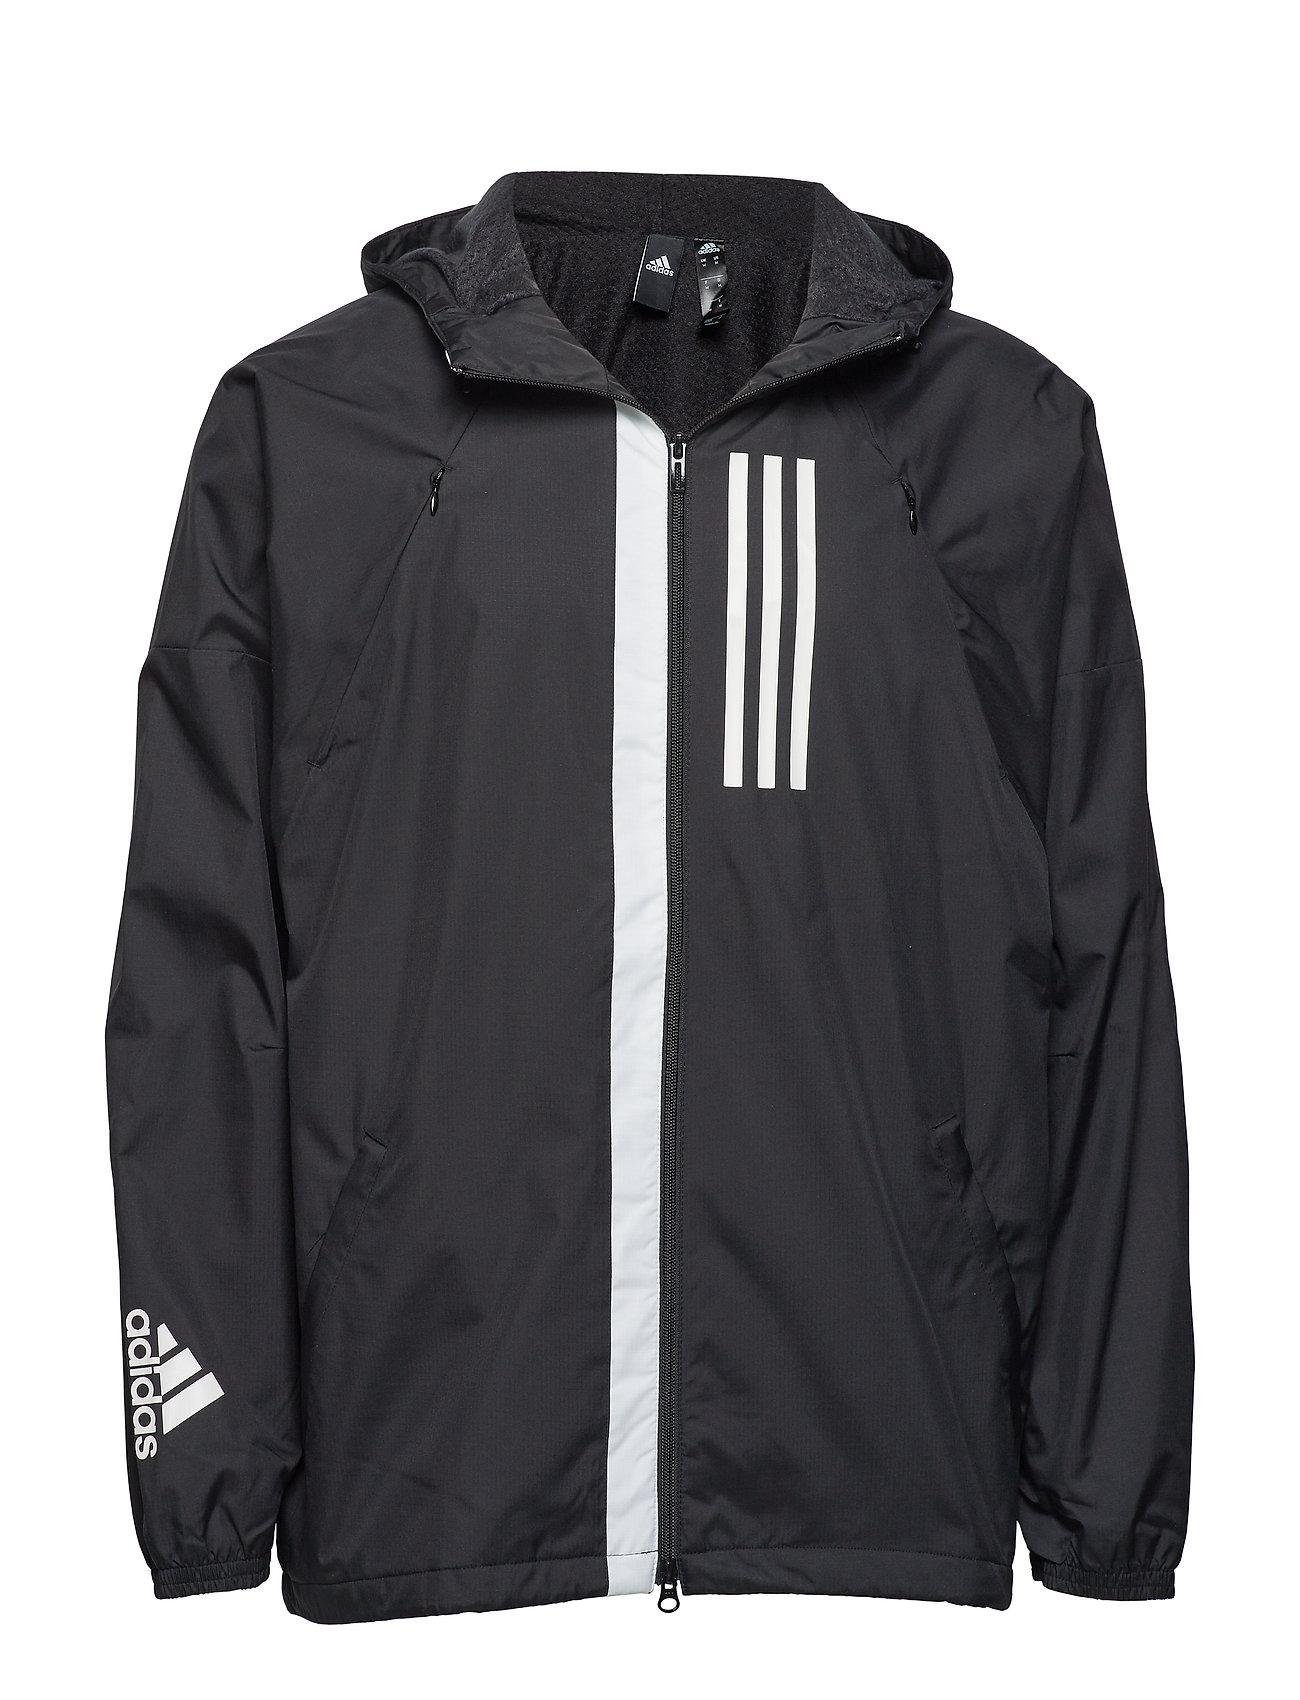 f9c9bb8b4f M Wnd Jkt Fl (Black) (£48.72) - adidas -